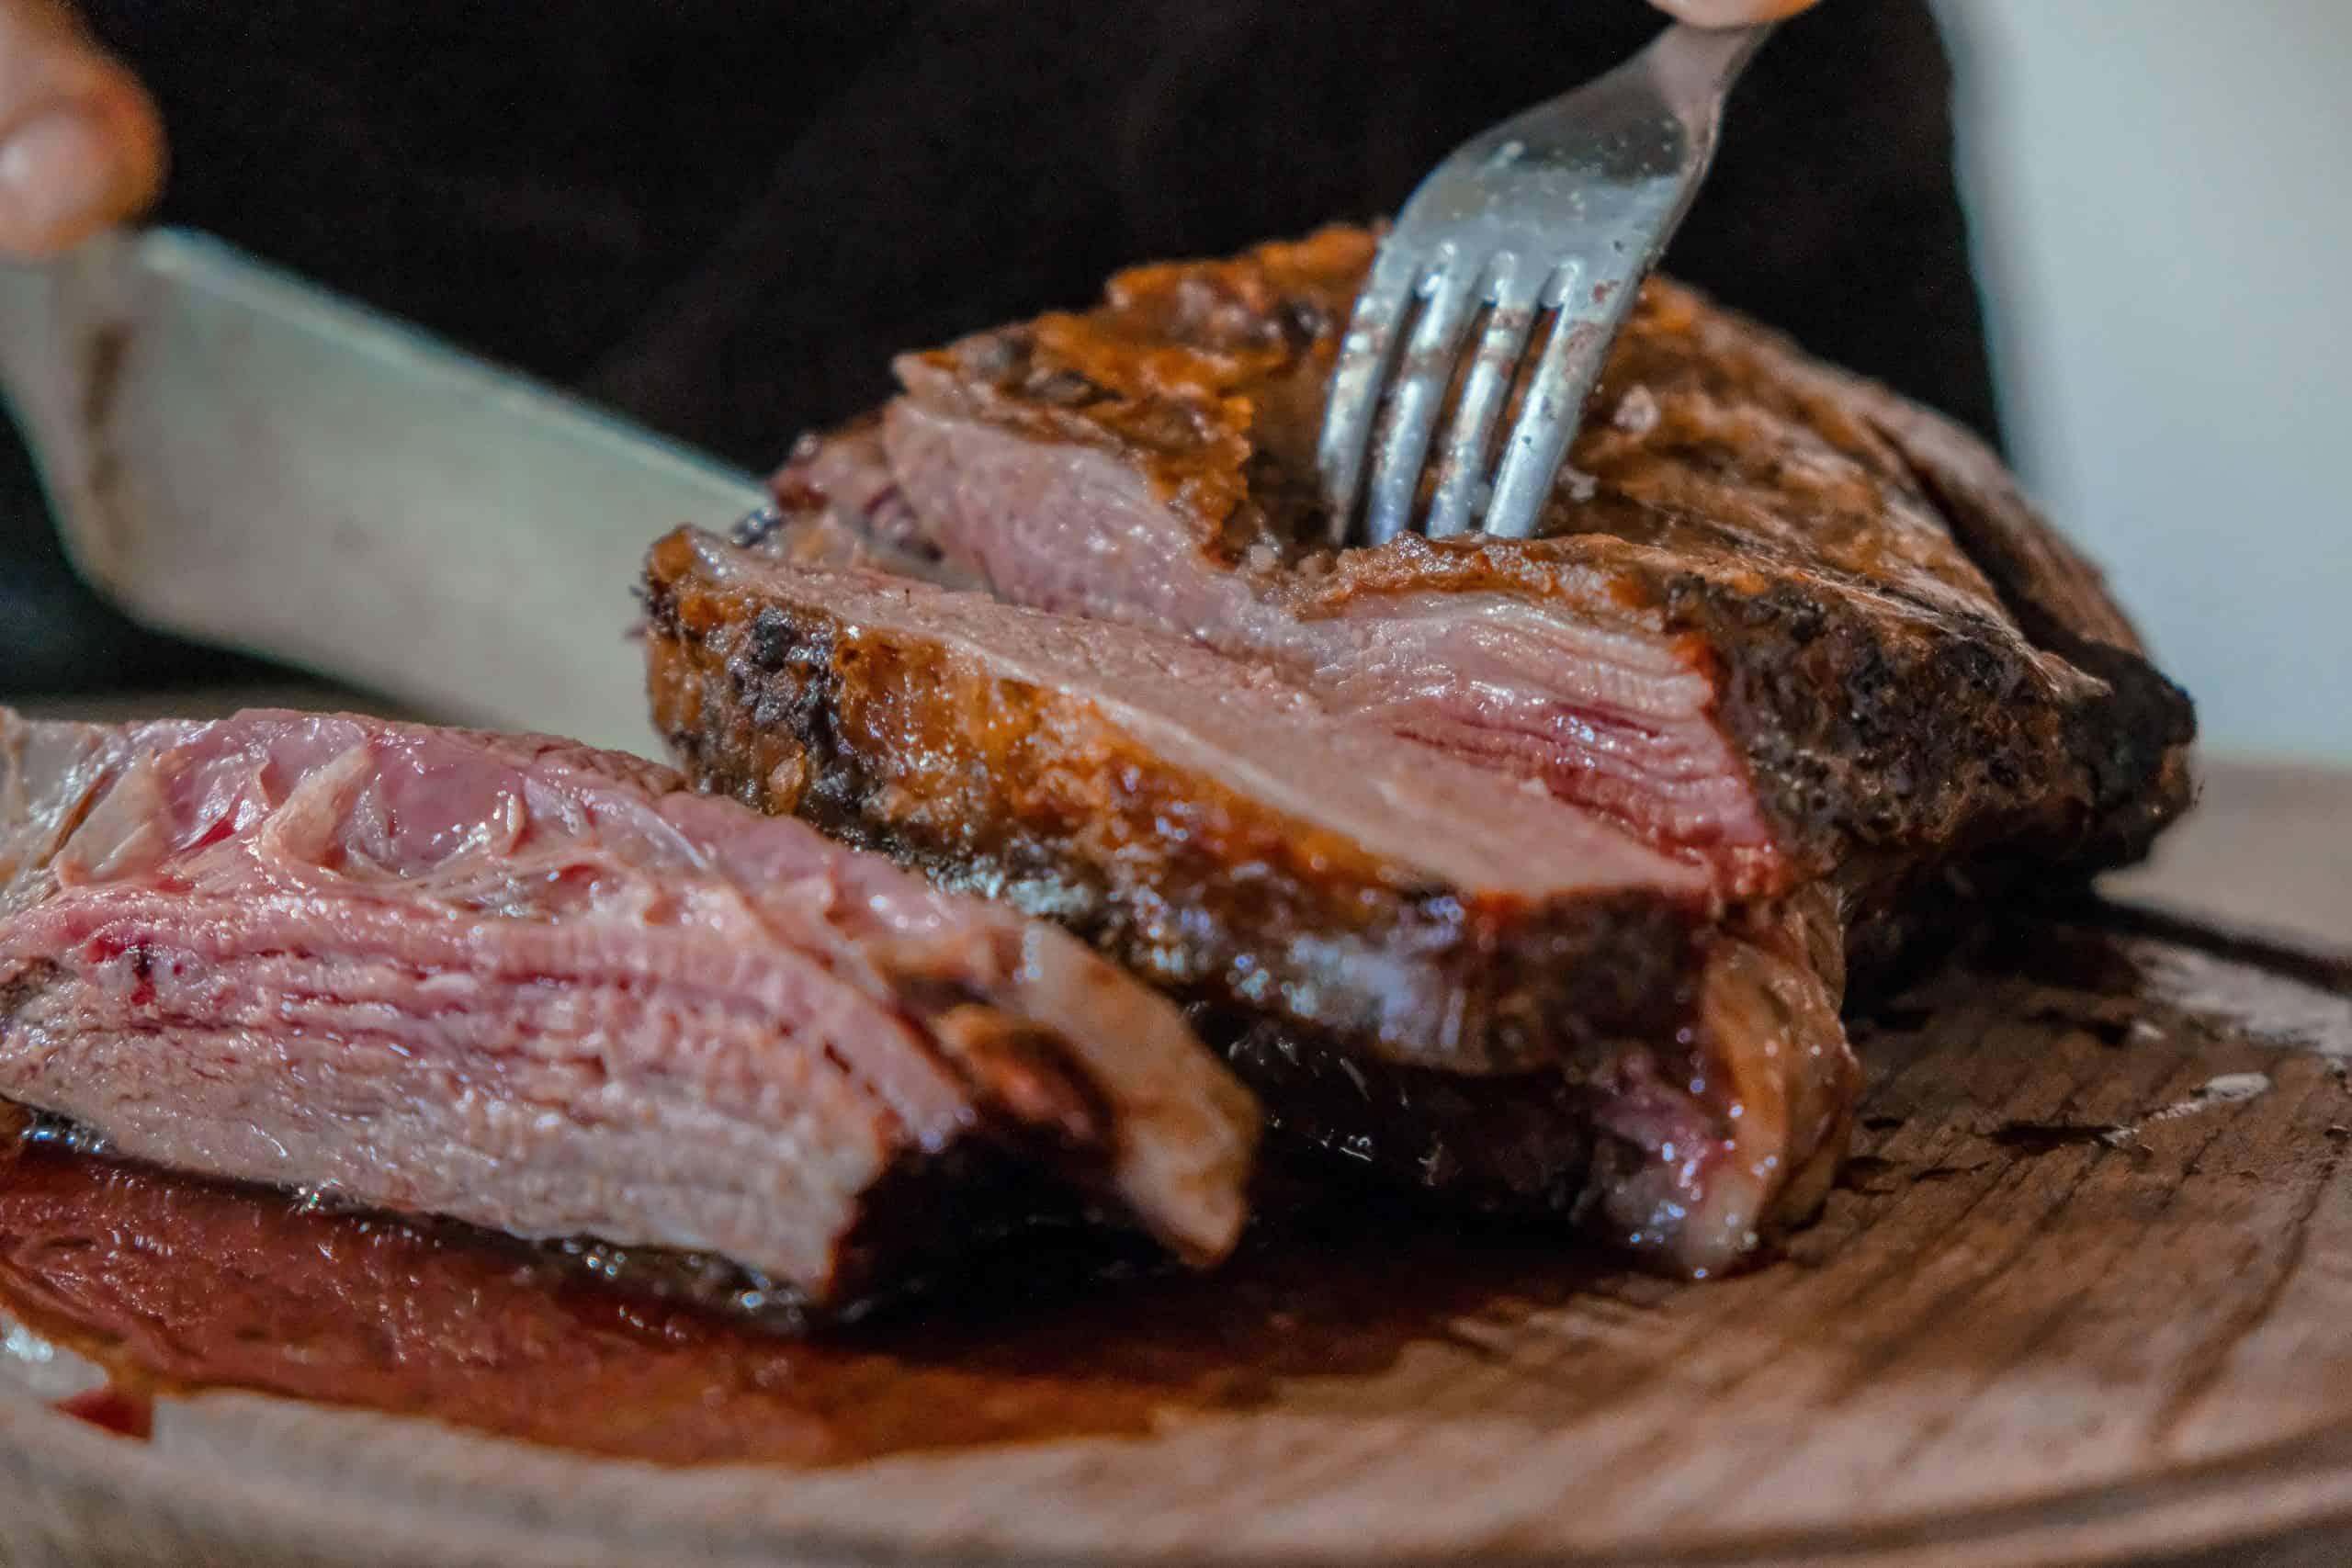 Liste der 3 größten Fleischverarbeiter in Deutschland